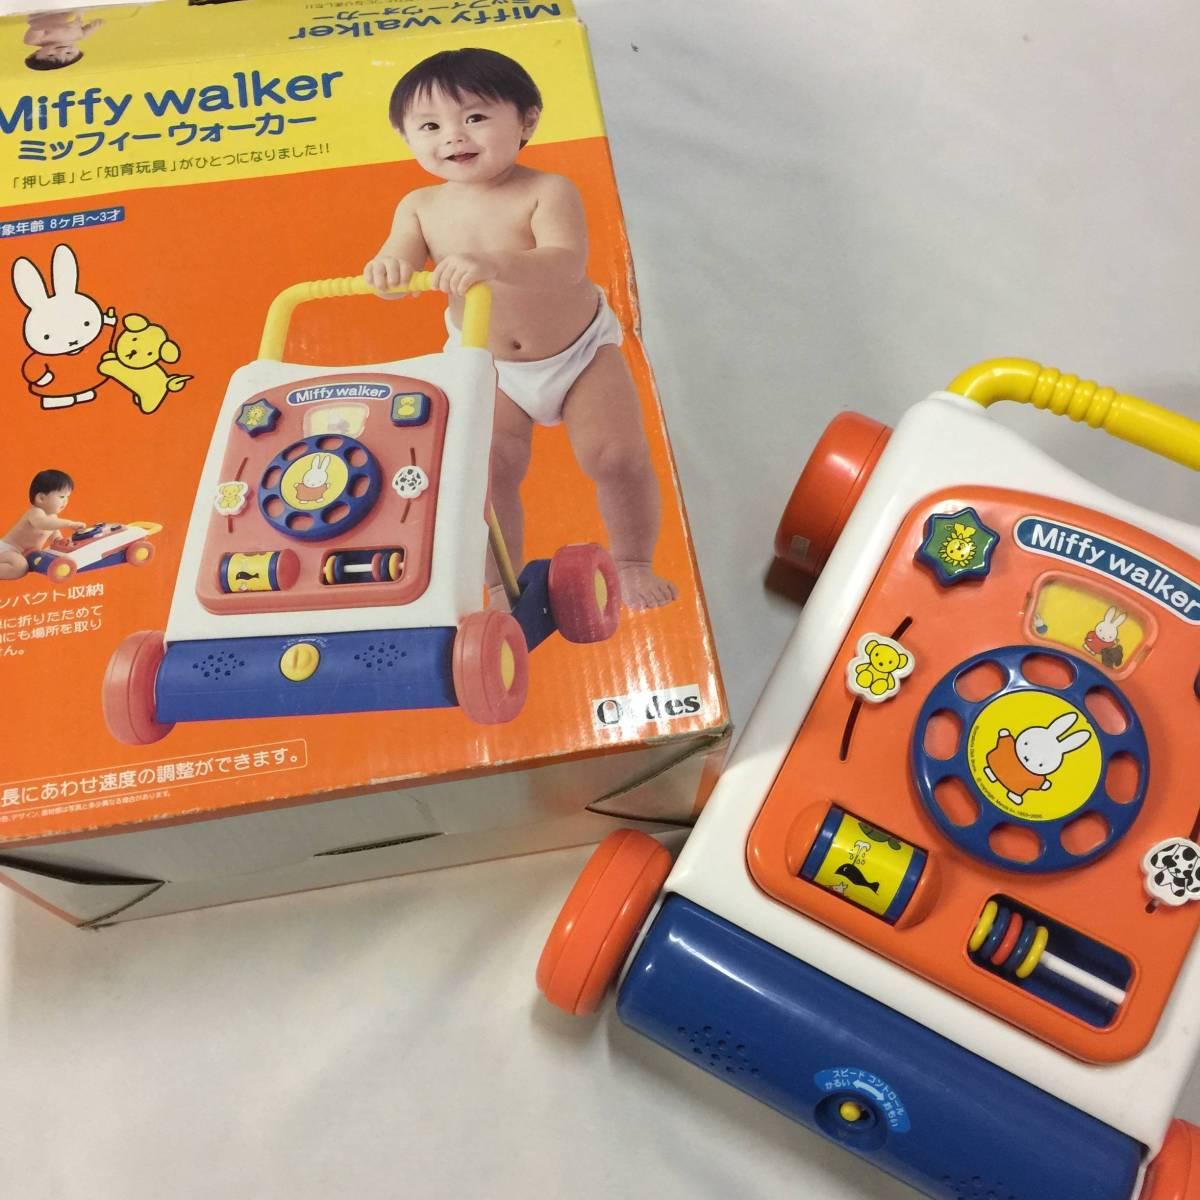 Miffy walker ミッフィー ウォーカー 押し車 手押し車 知育玩具 ides アイデス社製 8ヵ月~3歳